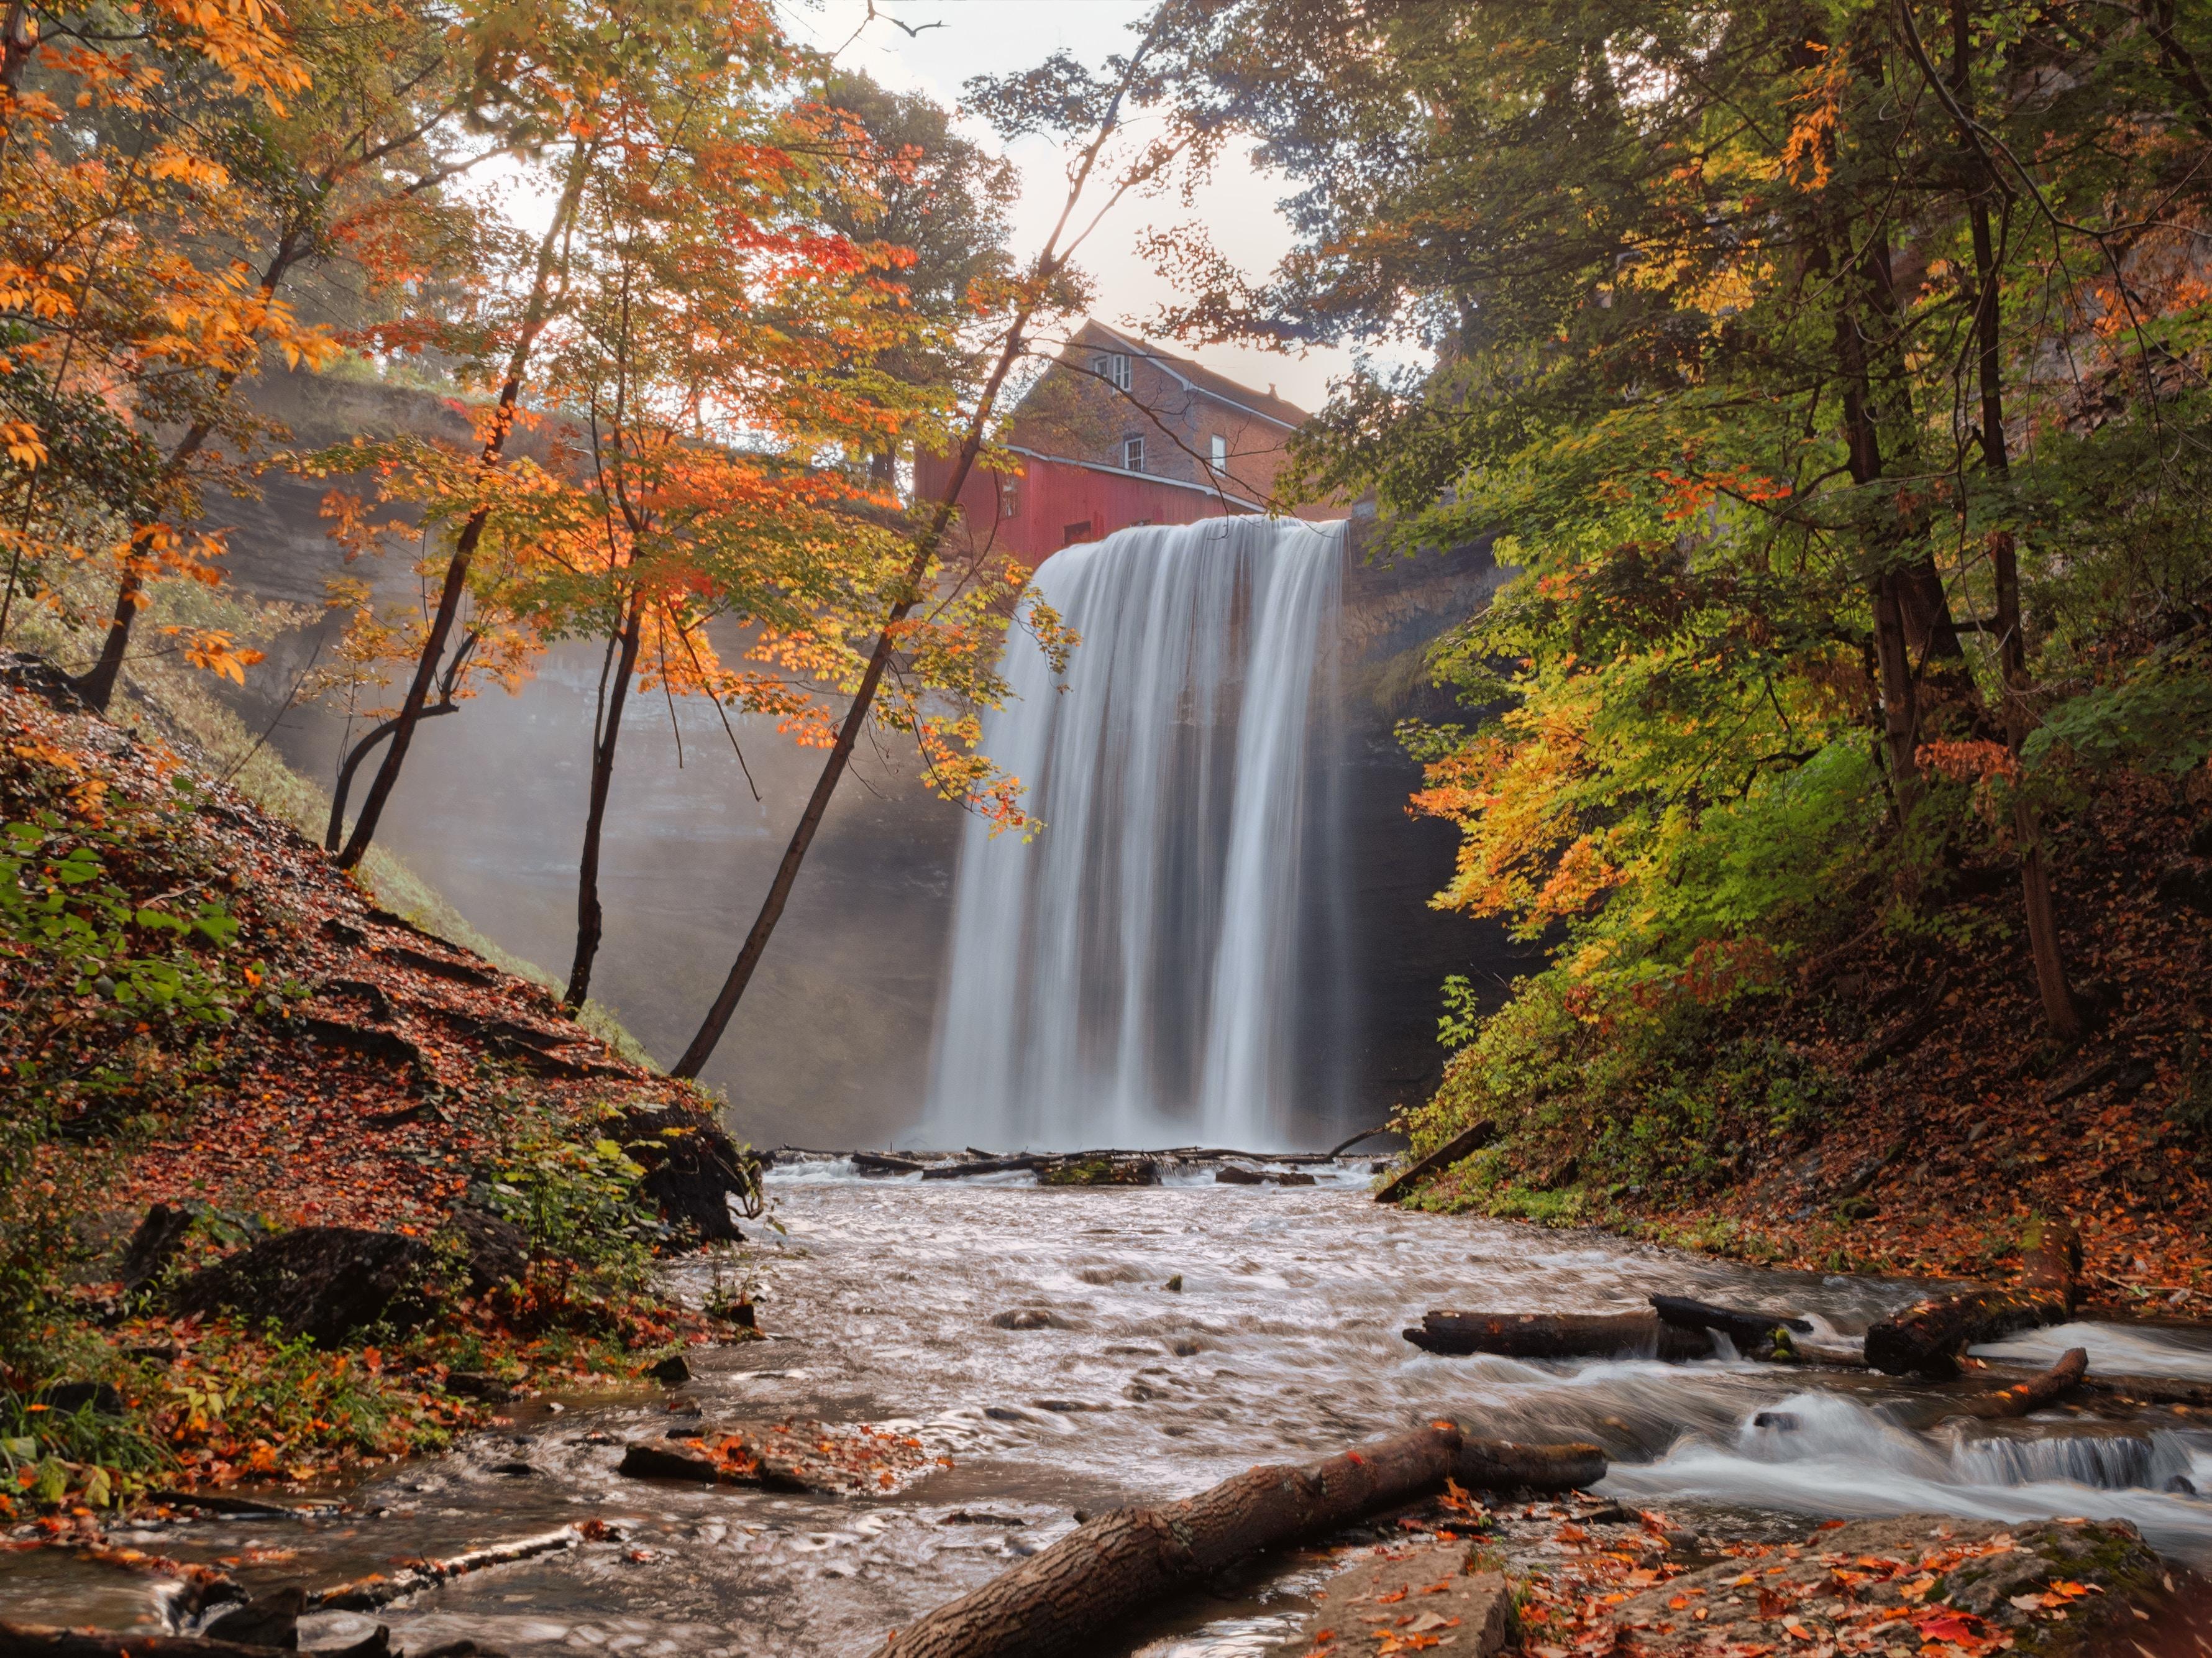 waterfalls between green and orange leaf trees